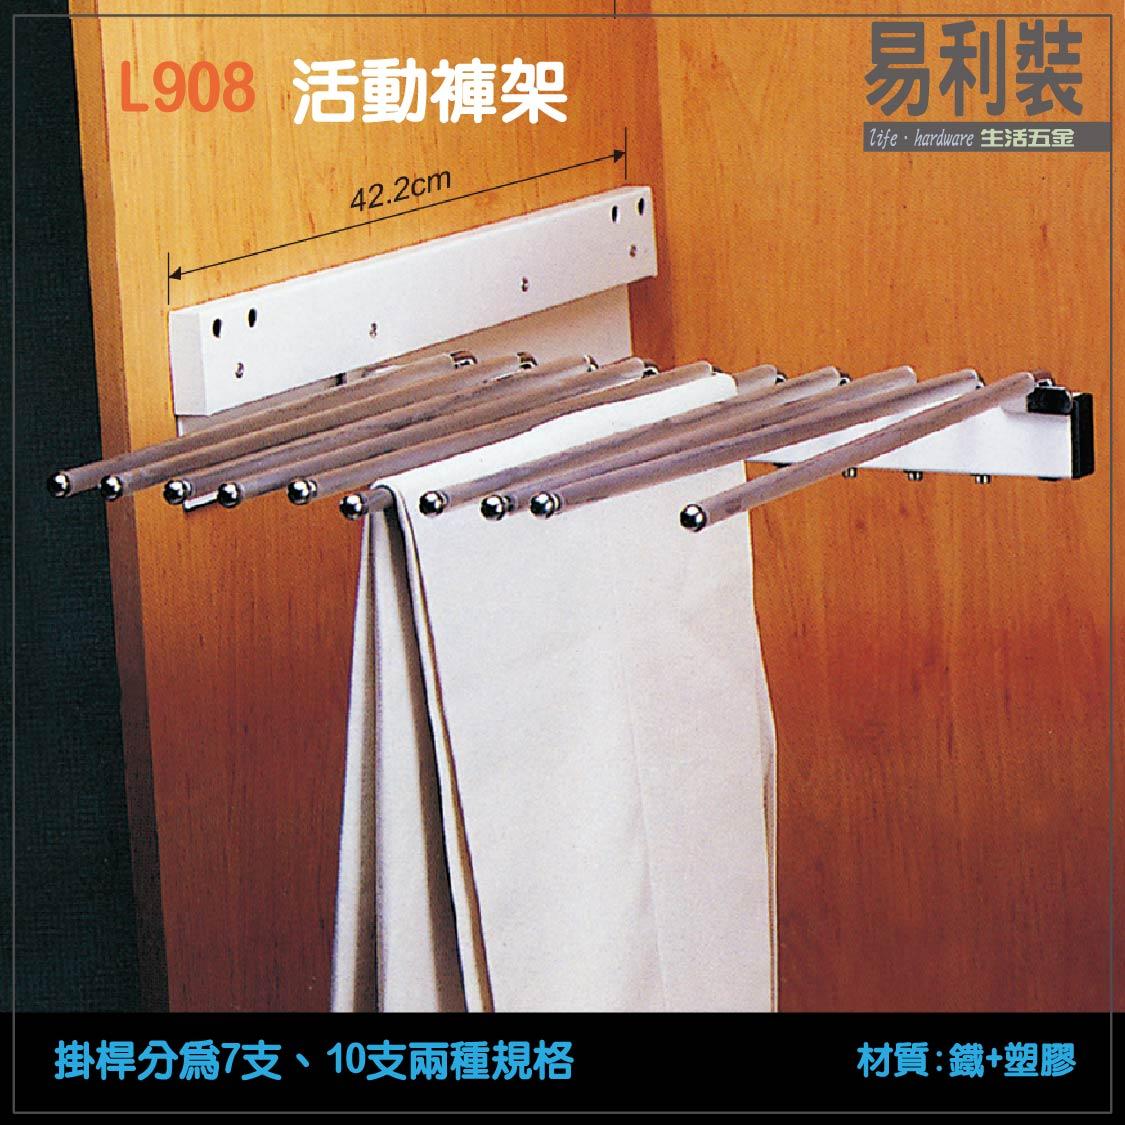 【 EASYCAN  】L908 活動褲架 易利裝生活五金 房間 臥房 客廳 小資族 辦公家具 系統家具 0